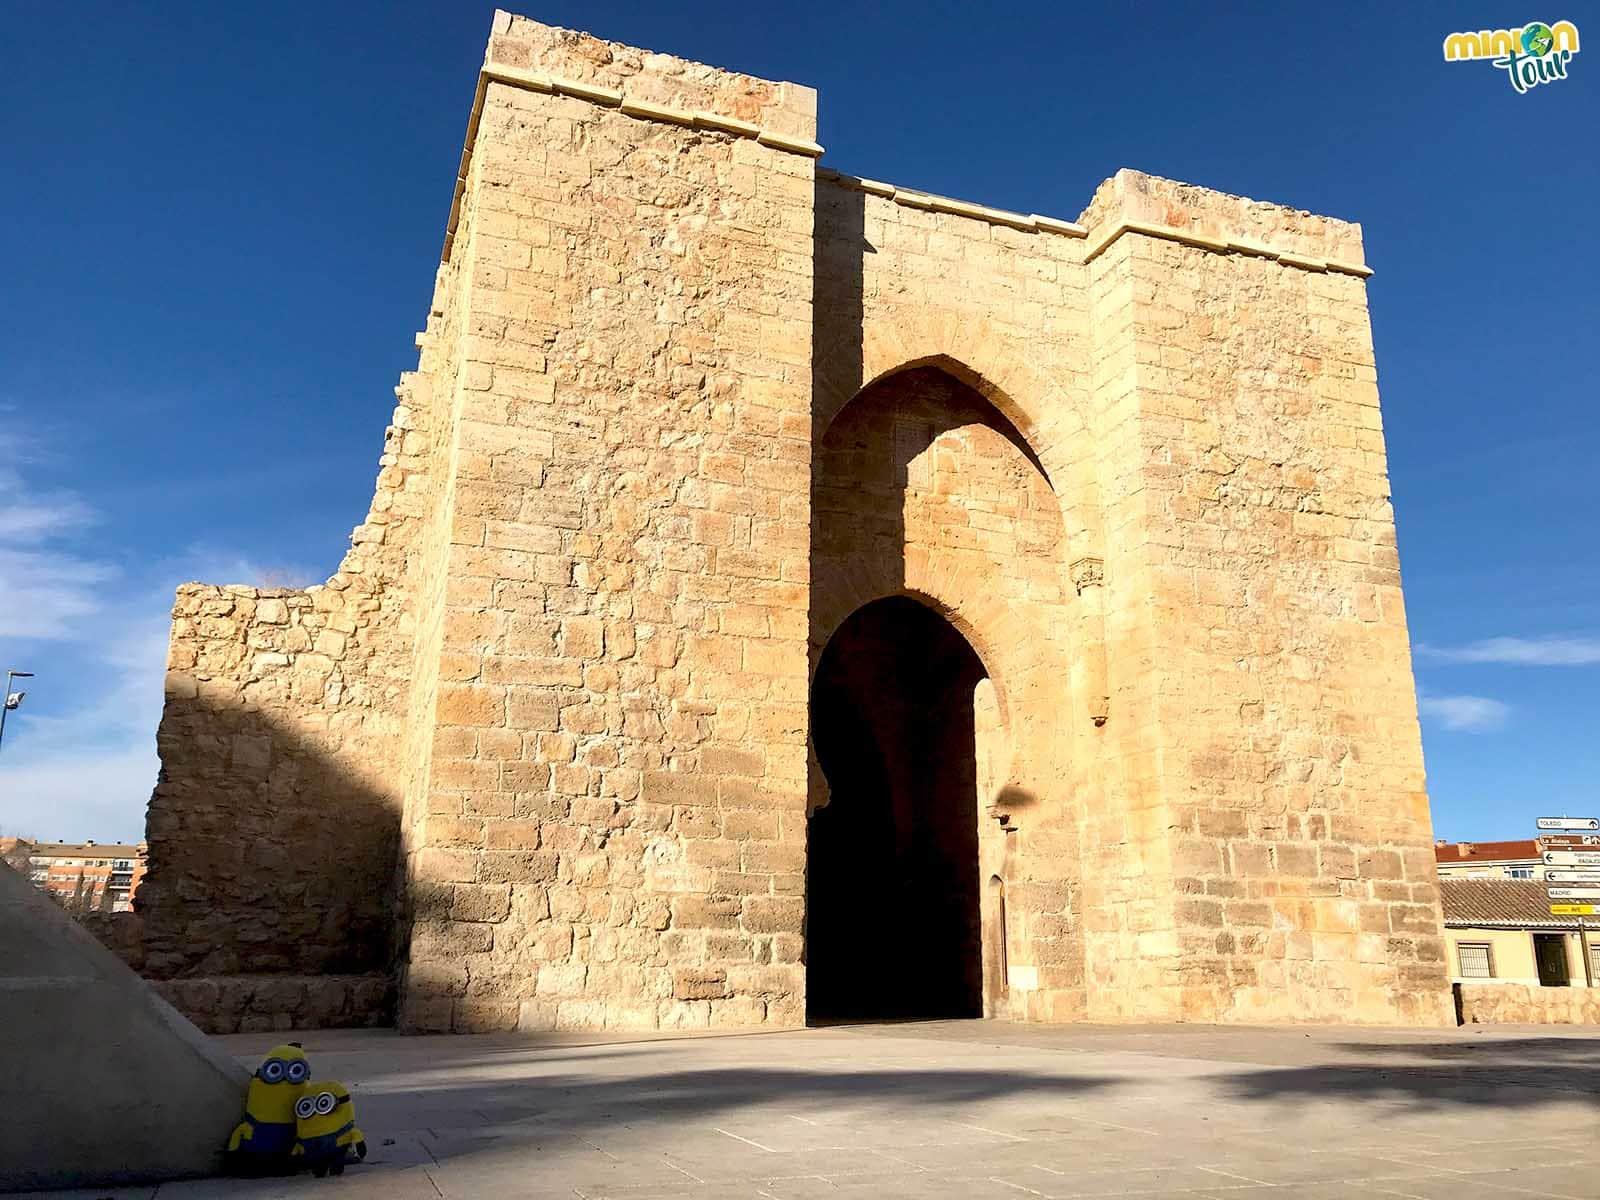 Posando con la Puerta de Toledo, una de las cosas que ver en Ciudad Real